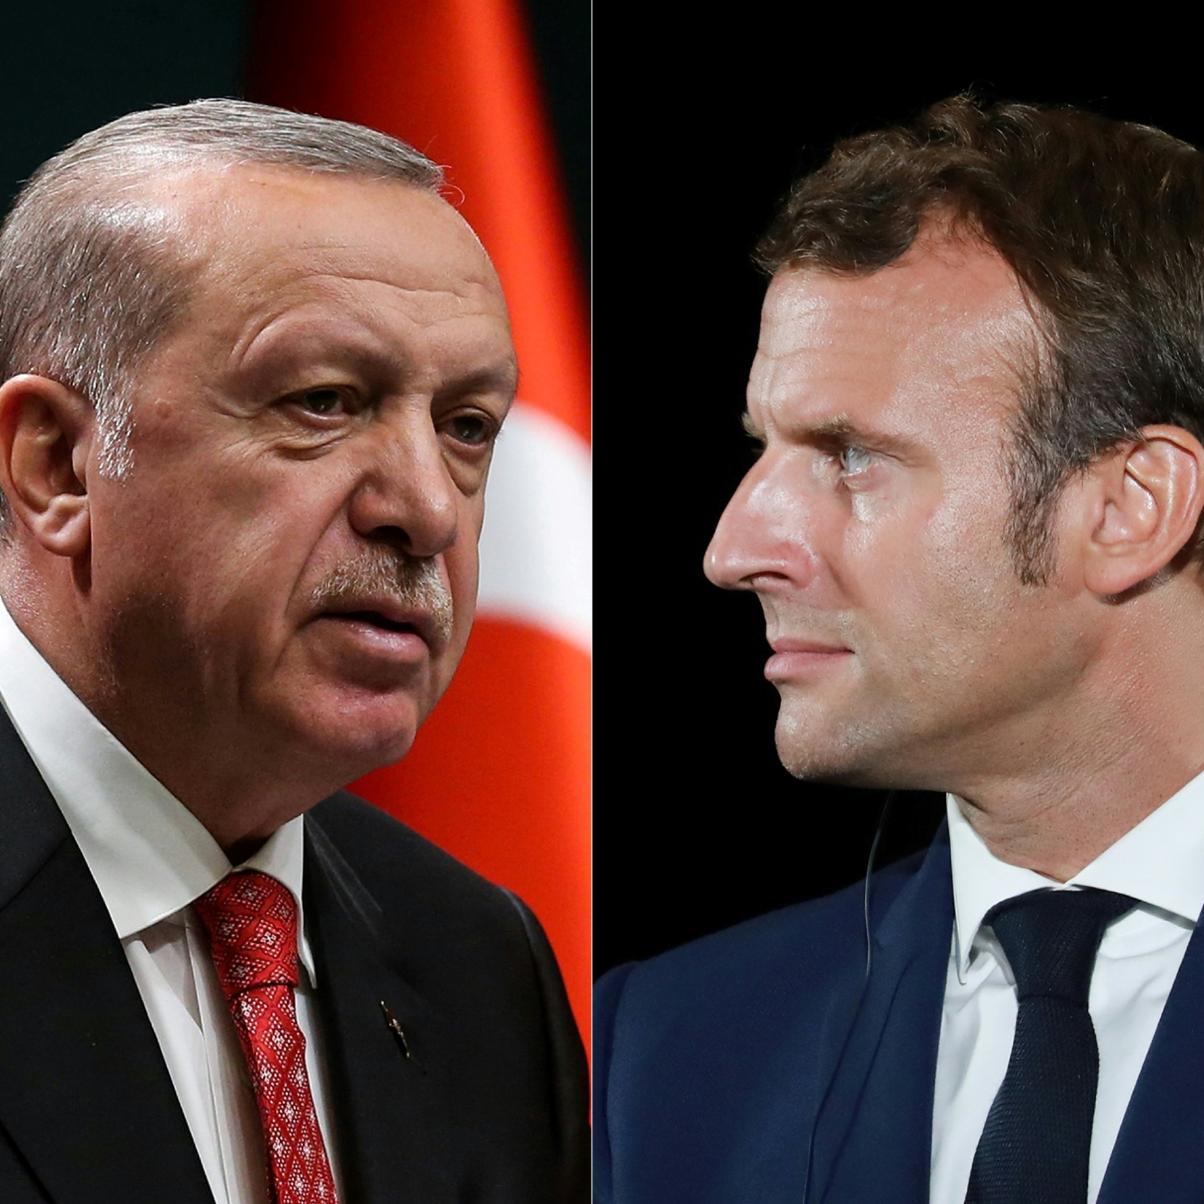 أردوغان يشكك في قوى ماكرون العقلية.. وفرنسا تستدعي سفيرها للتشاور